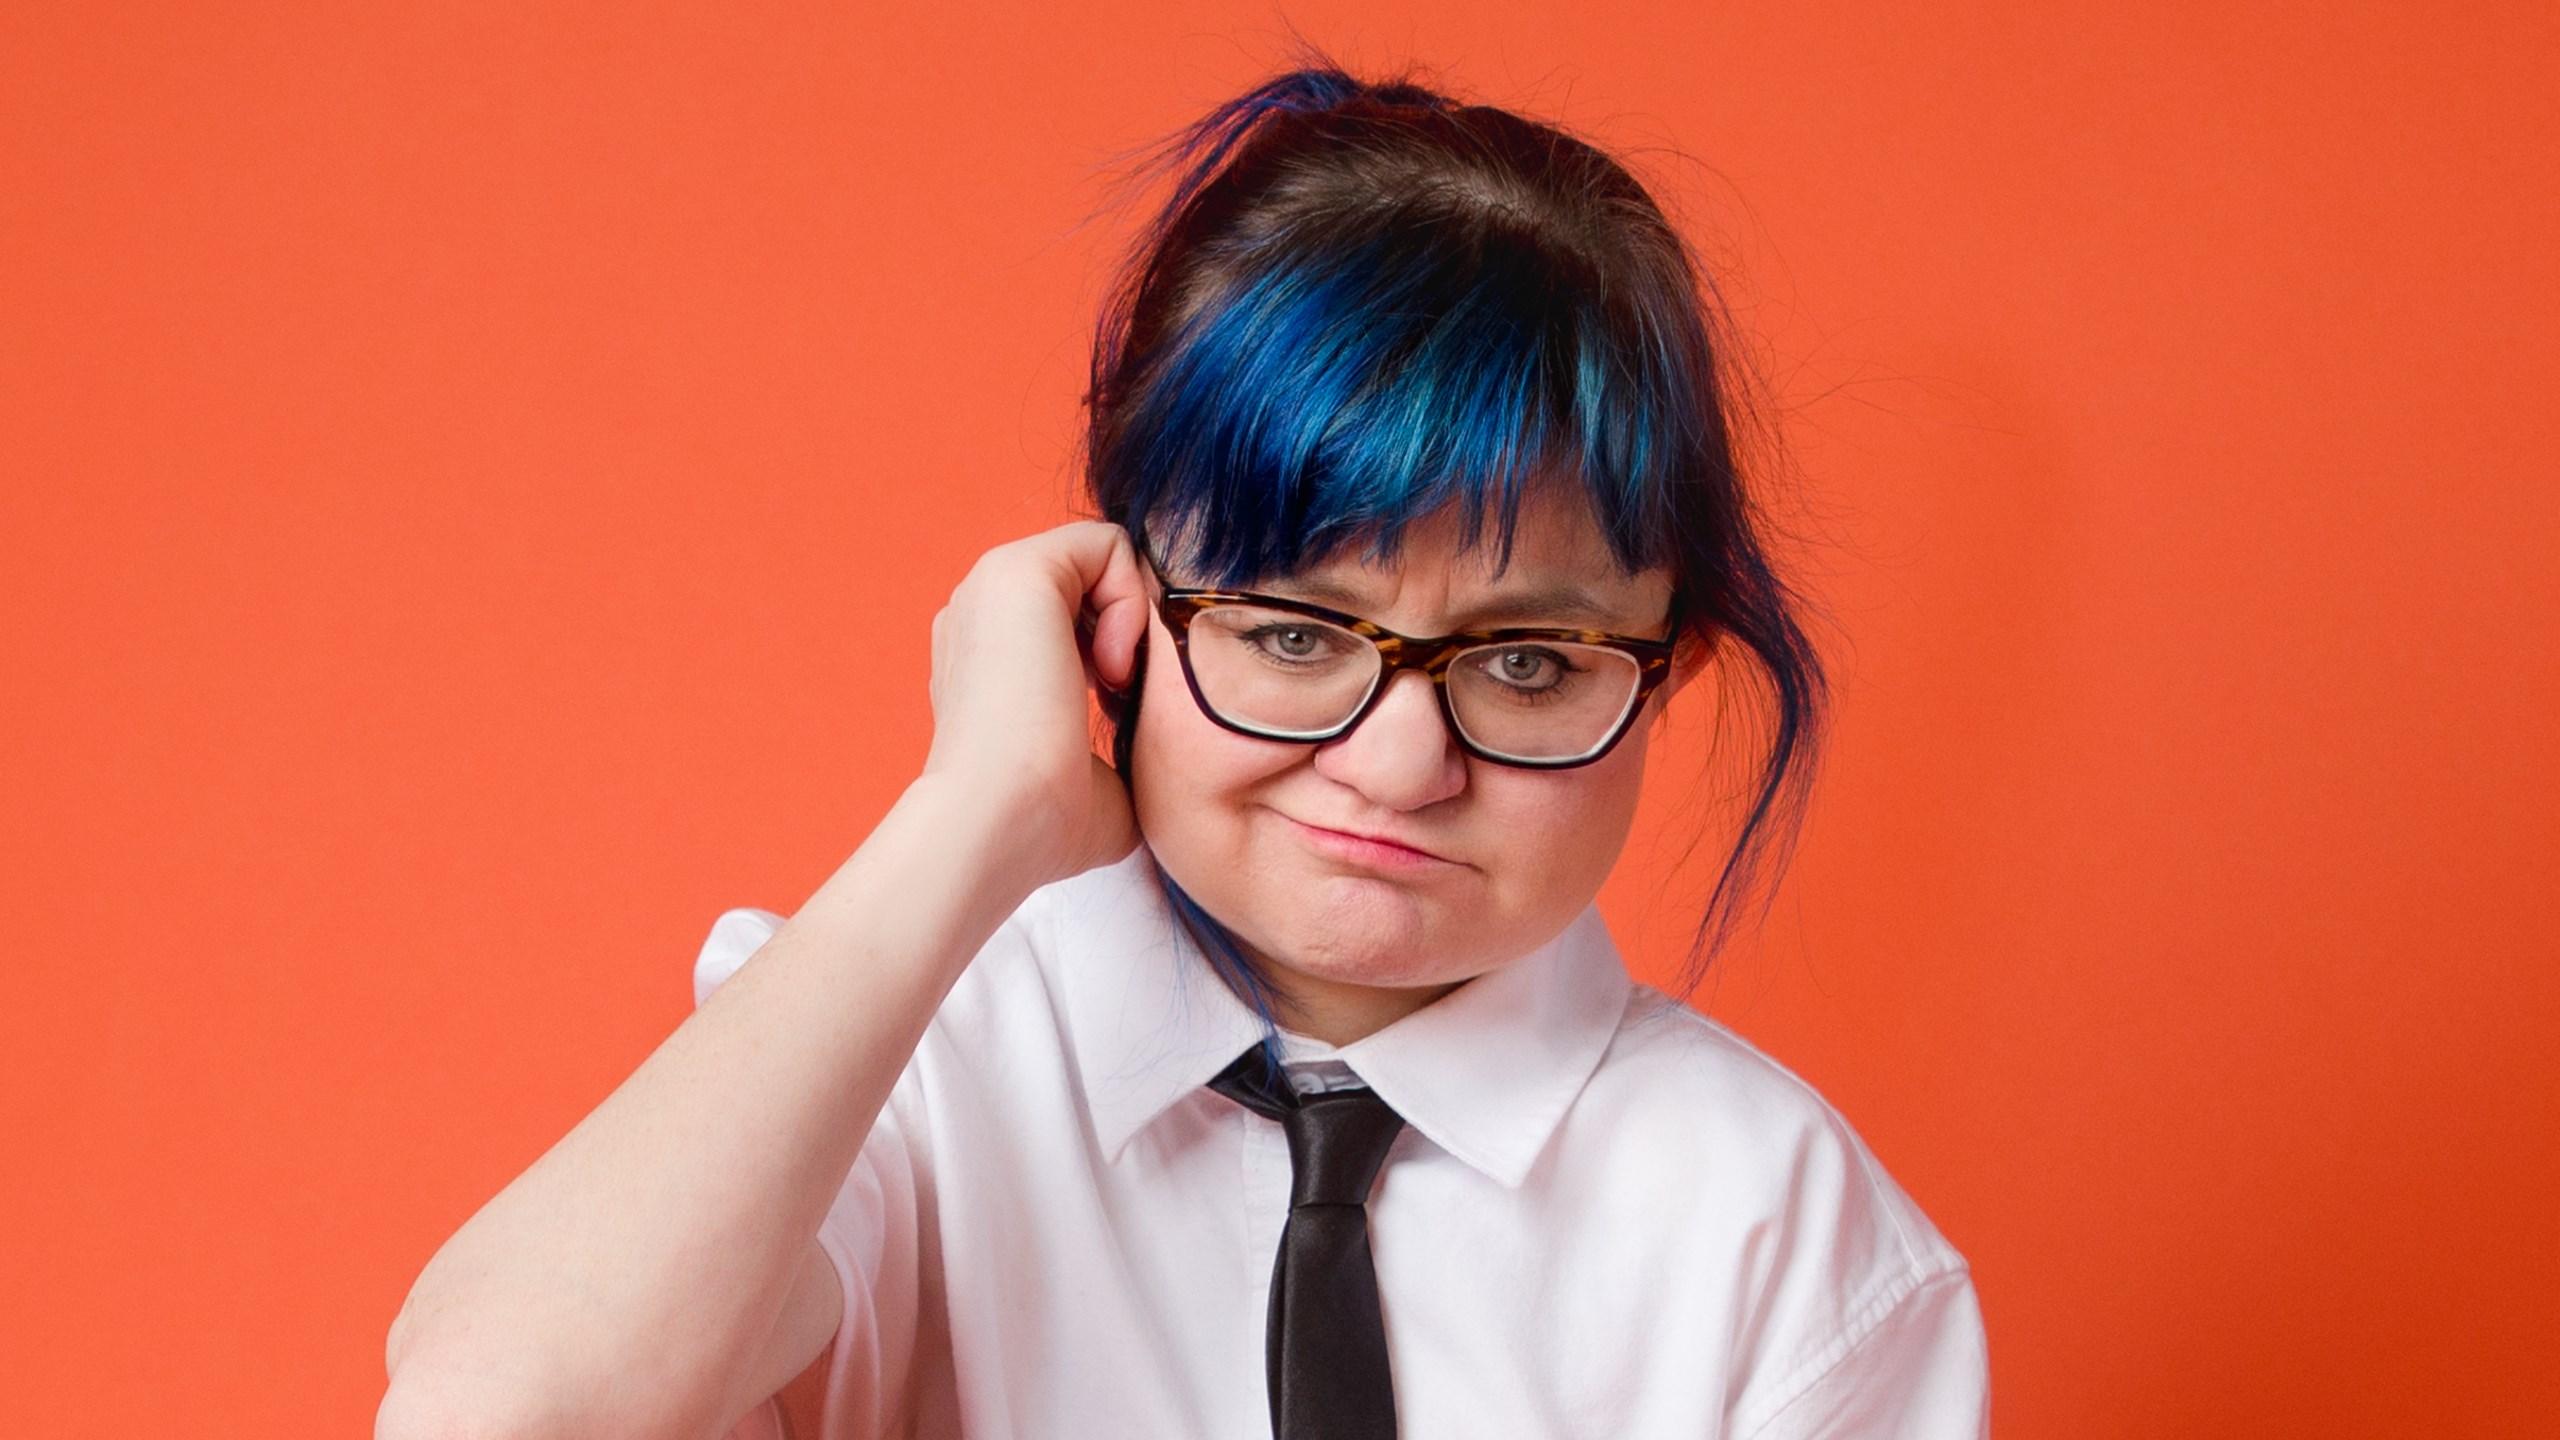 Cancelled - Mormon Girl(MICF) [Melbourne]